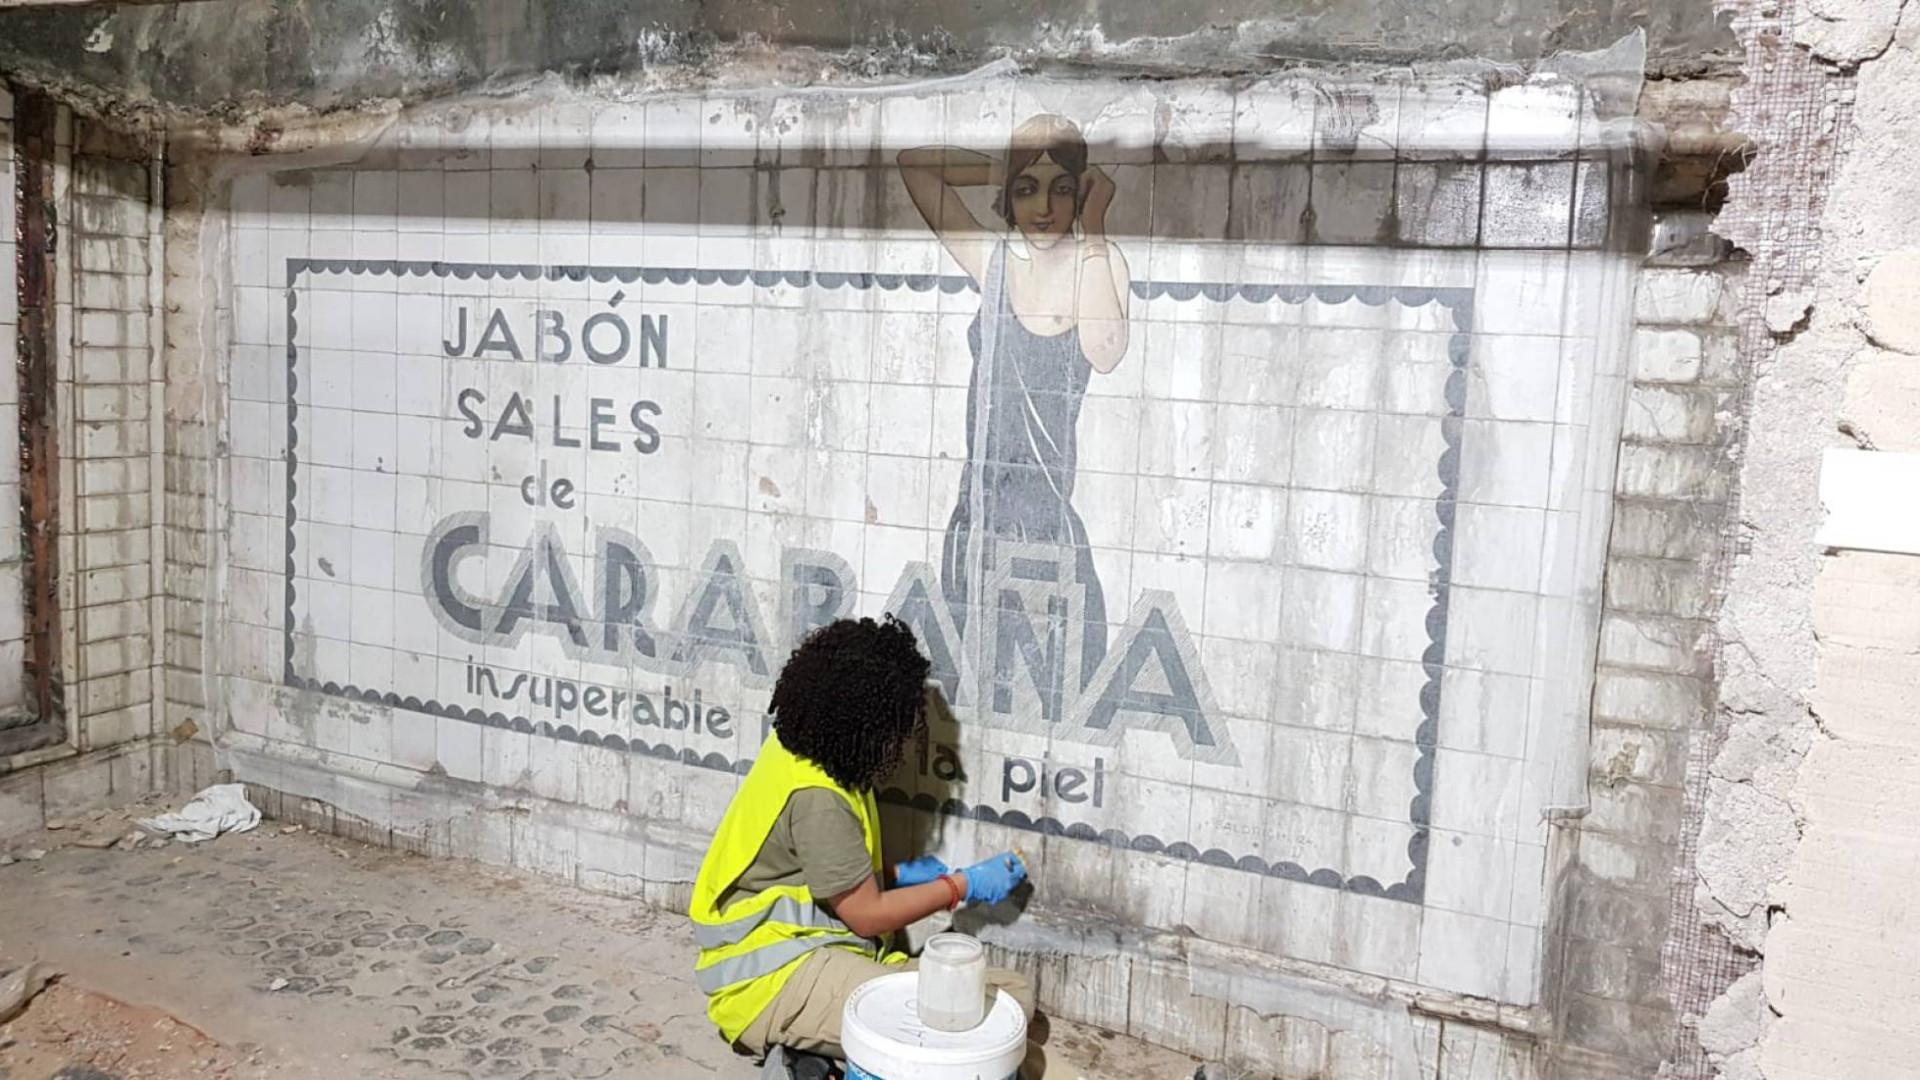 Obras em metro de Sevilha levam a descoberta do século passado